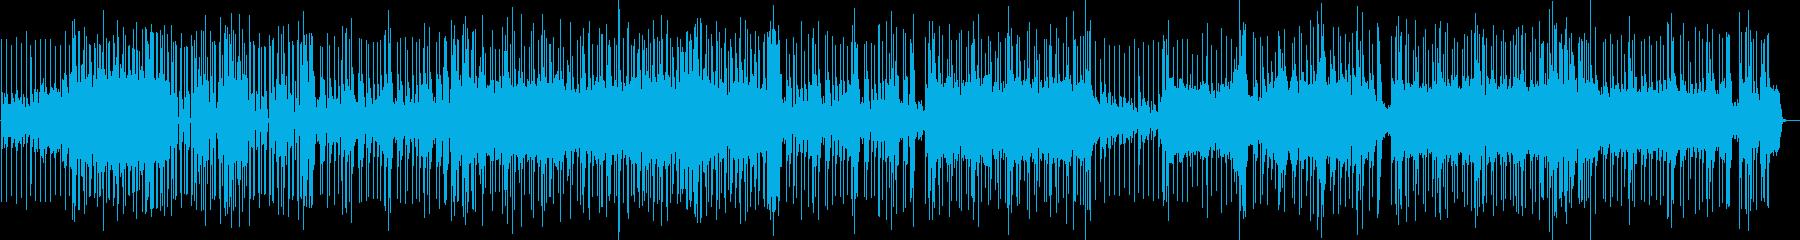 【ゲーム】ギターロックとデジタルサウンドの再生済みの波形